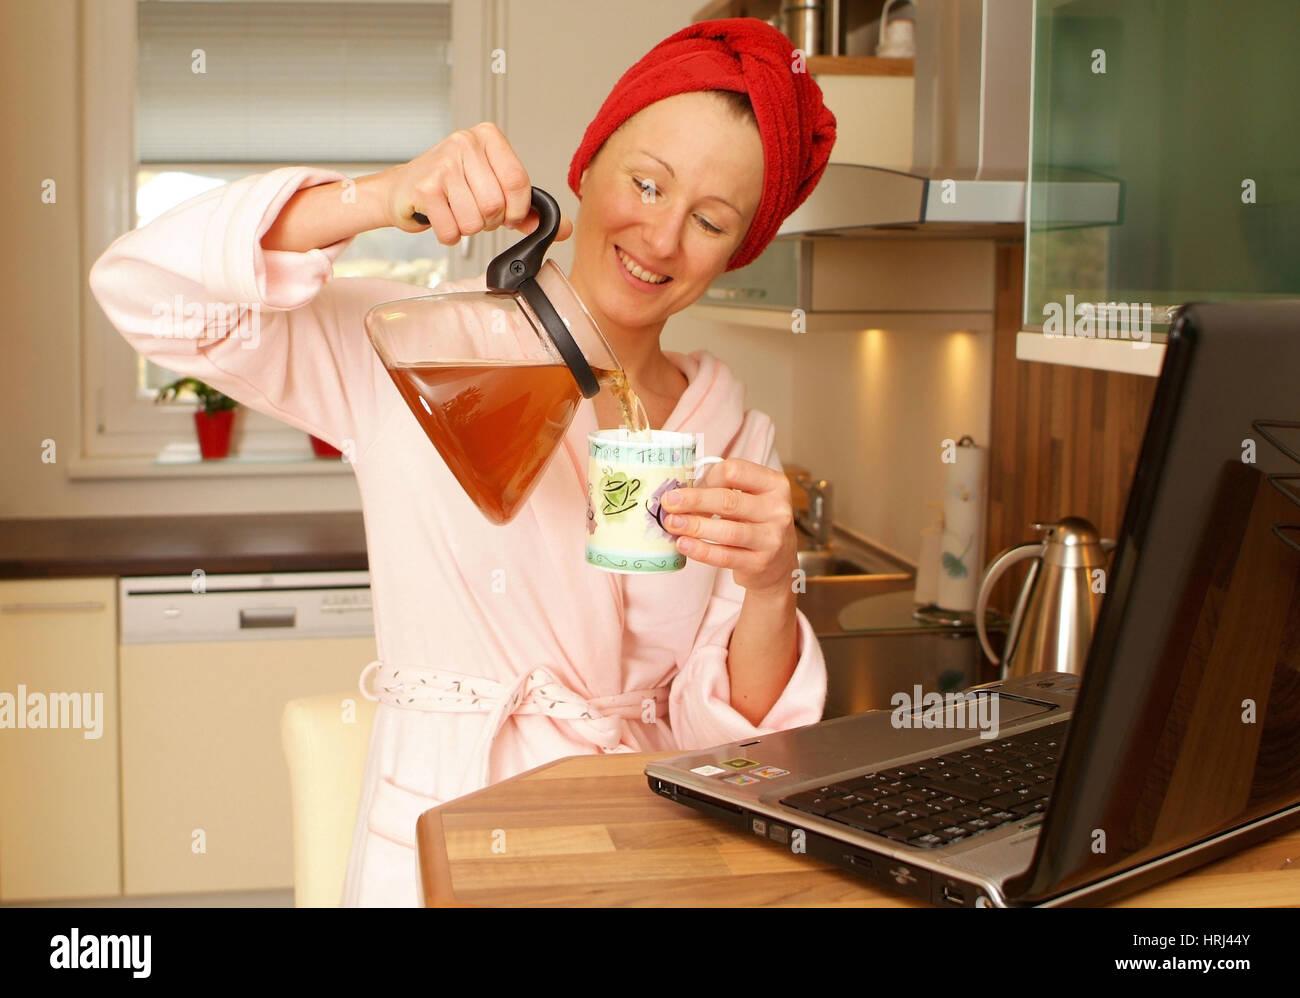 Junge Frau im Morgenmantel arbeitet am Notebook an der Bar und schenkt sich Tee ein - woman in bathrobe using laptop - Stock Image